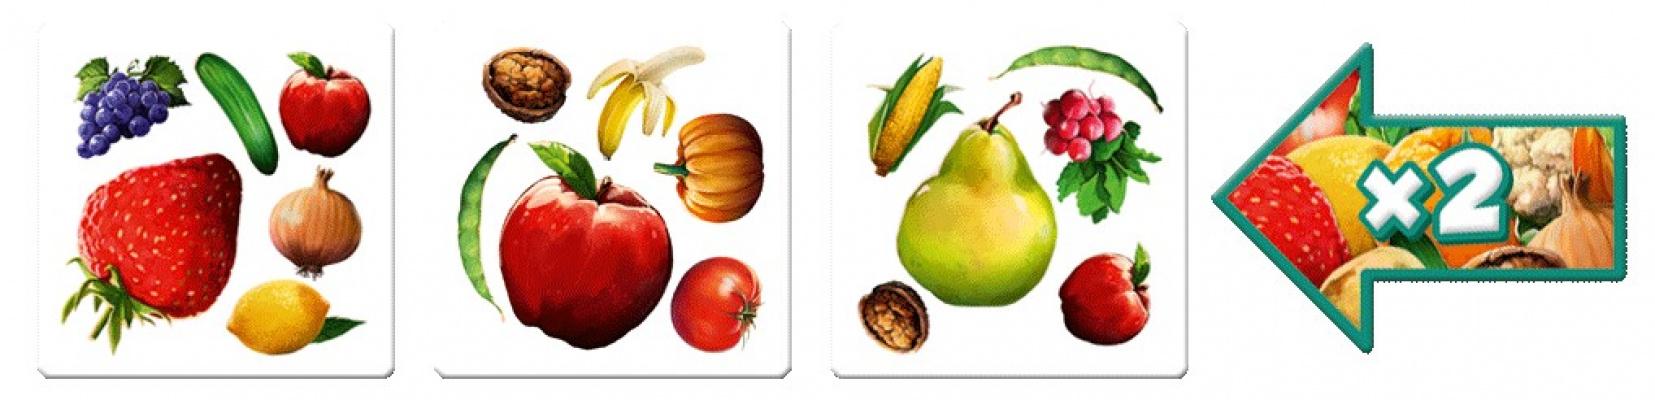 Podajemy wynik tak, jakby warzyw i owoców w tym rzędzie było 2 razy więcej! Tak działa strzałka leżąca stroną 'x2' ku górze :)